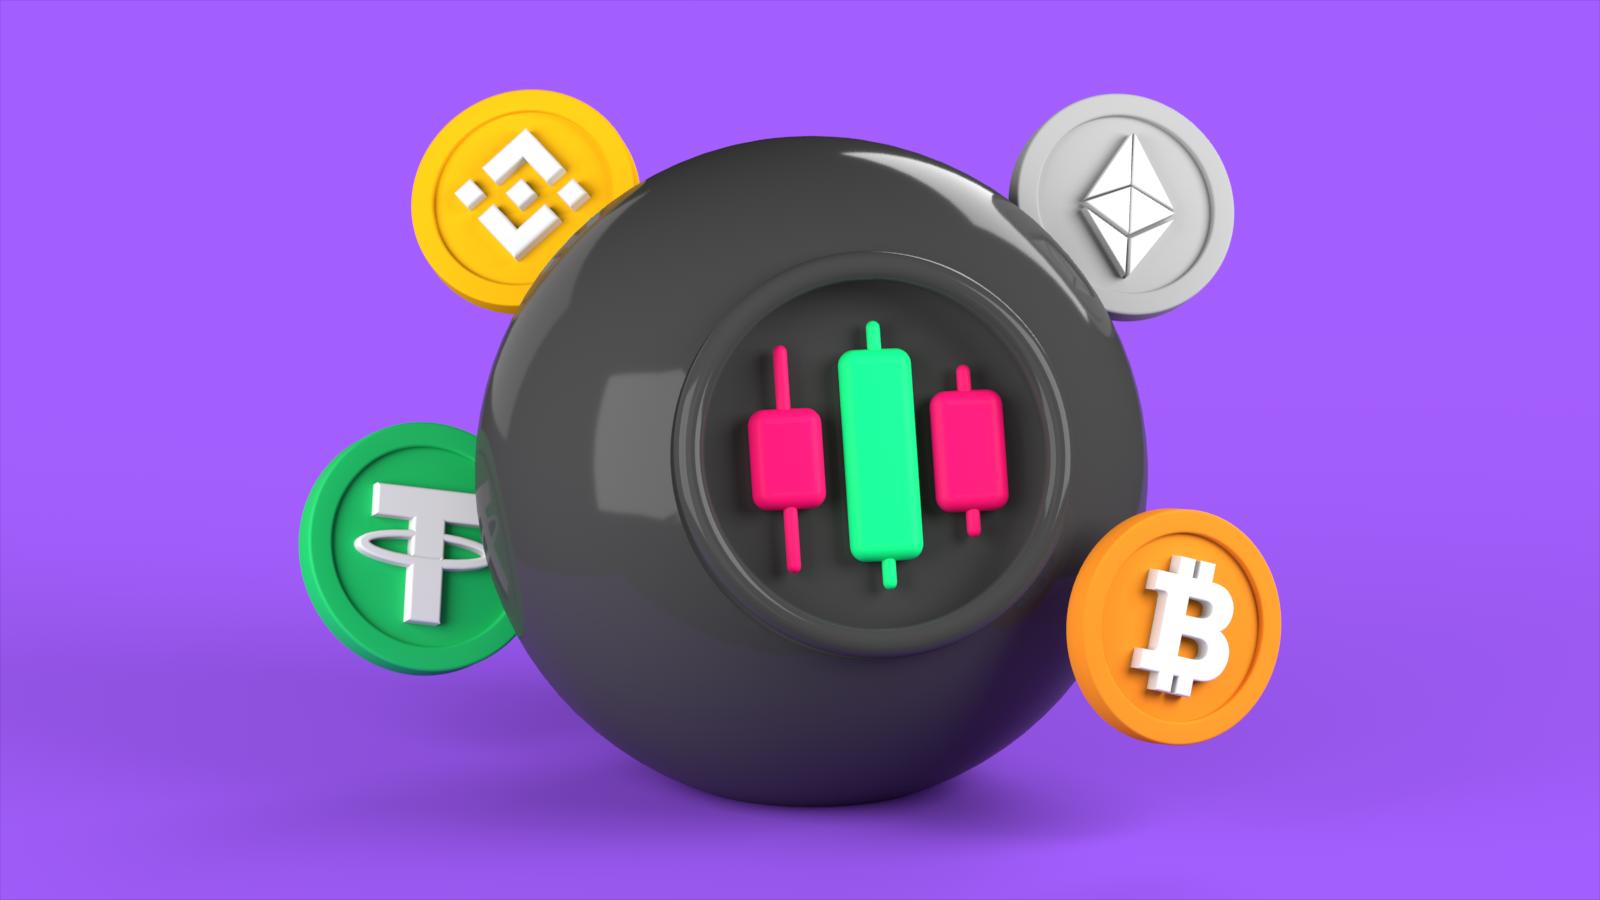 Pulple coinmarketcap Automatinis Bitcoin Bot prekybos